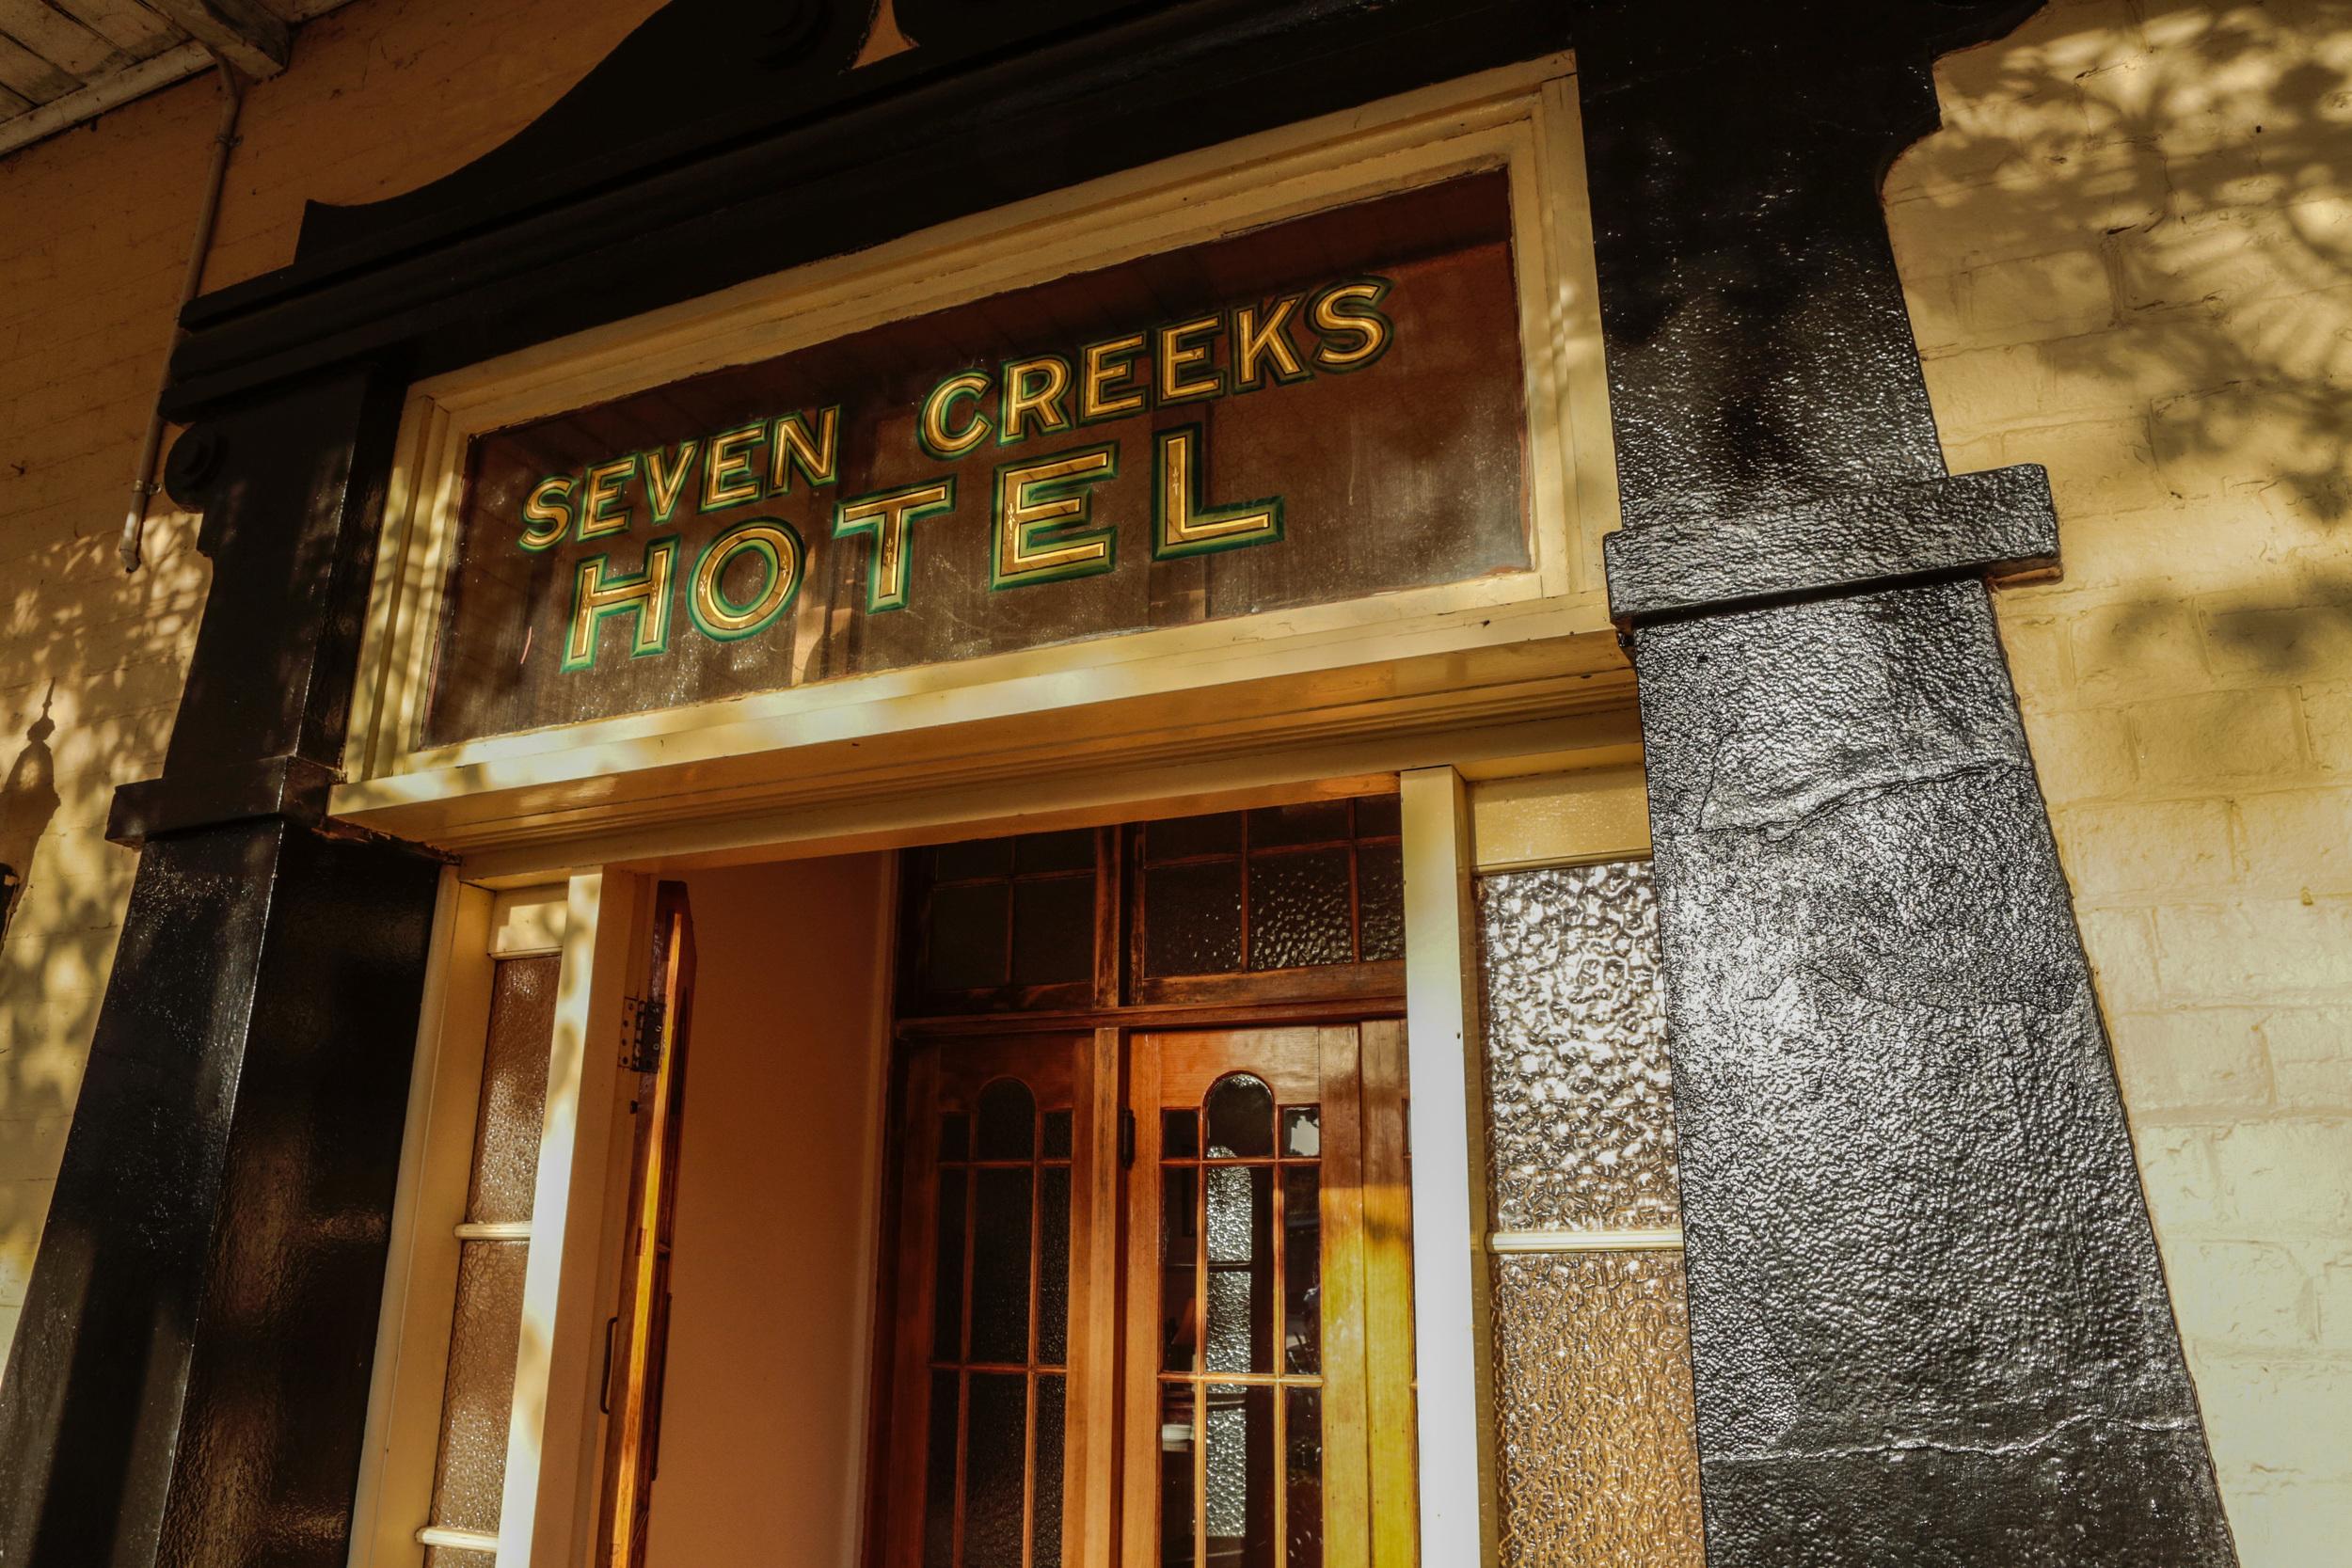 sevens creek hotel #front door.jpg